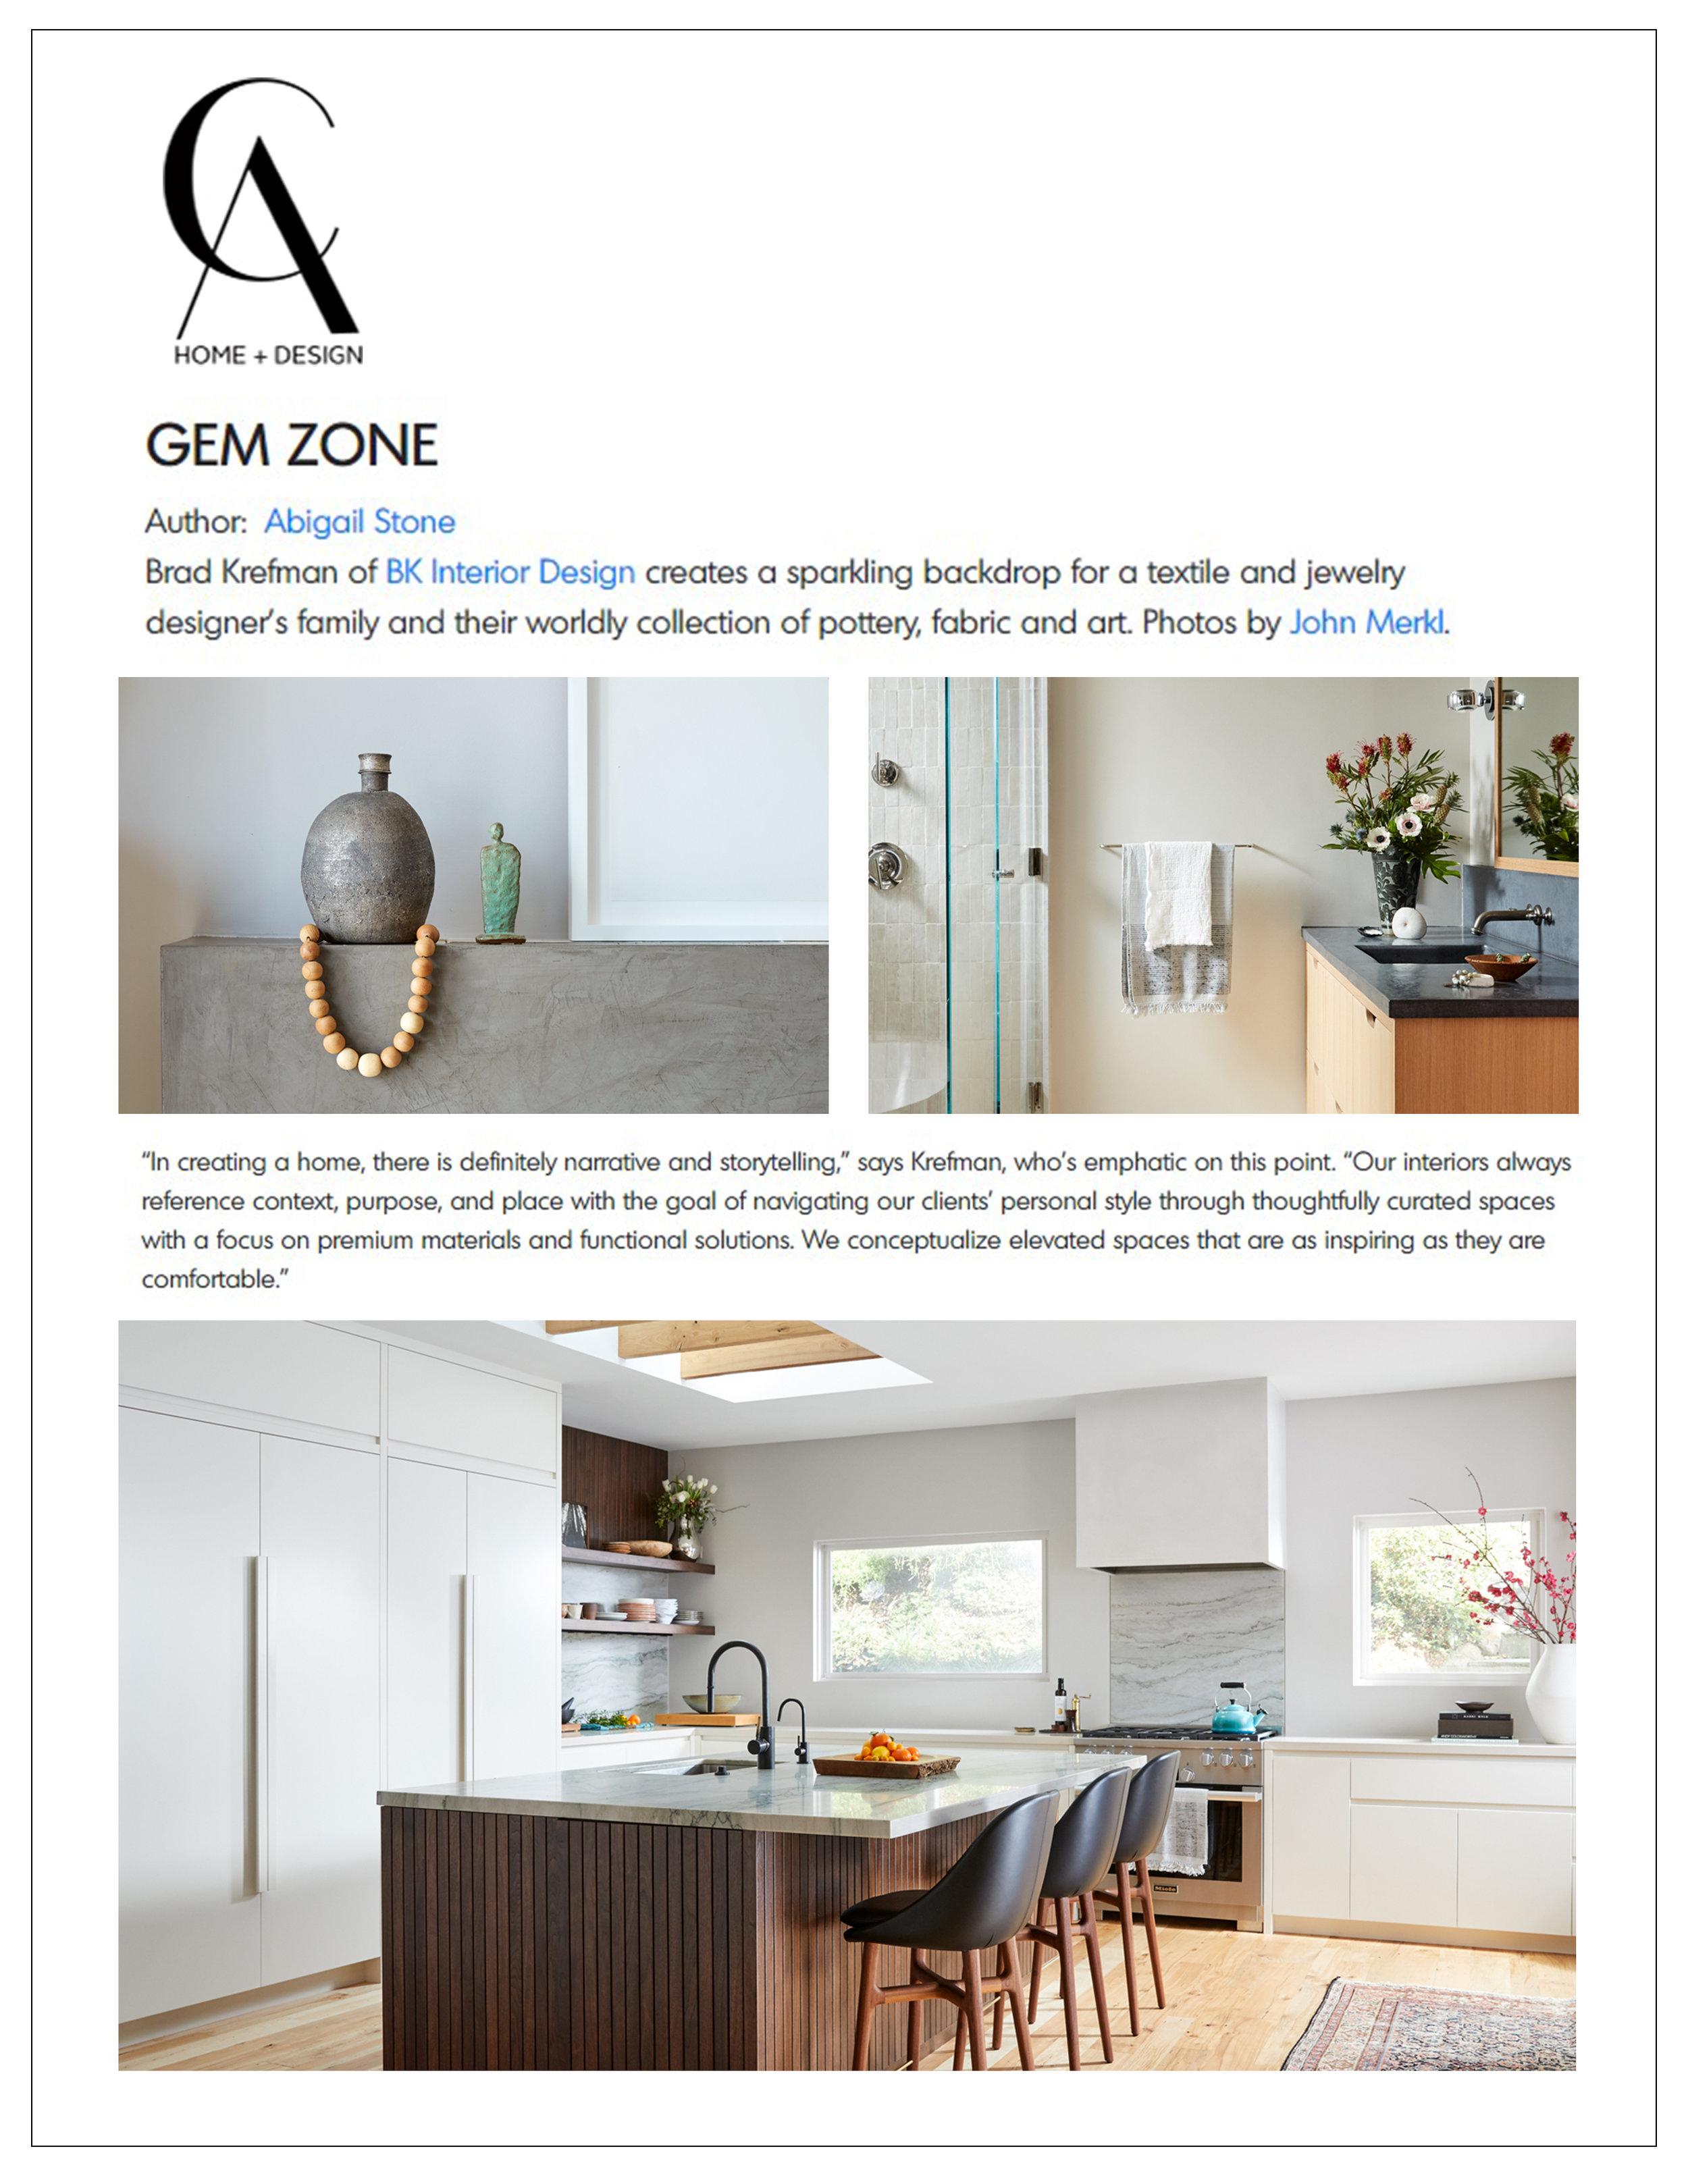 CA-Home-Design-Online-Feature-Mill-Vally-Scandinavian.jpg